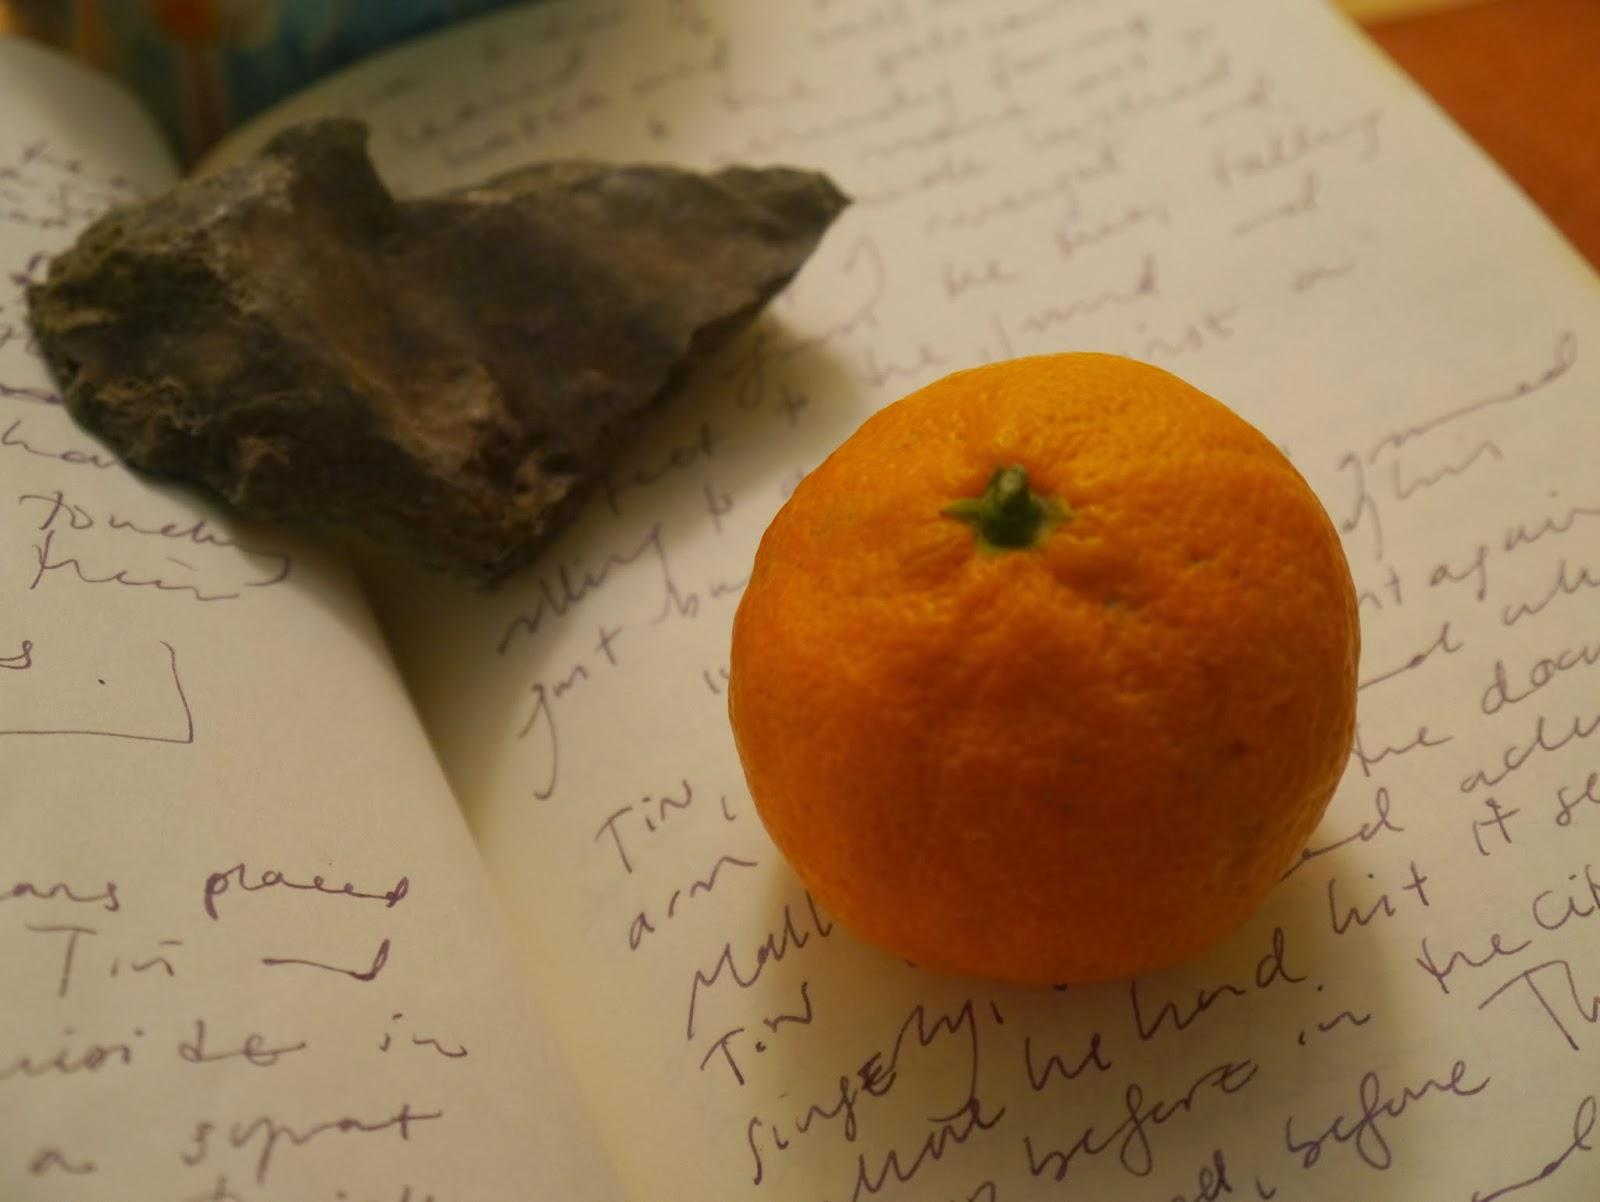 Tangerine Analytical Essay by Nataliya Prots on Prezi